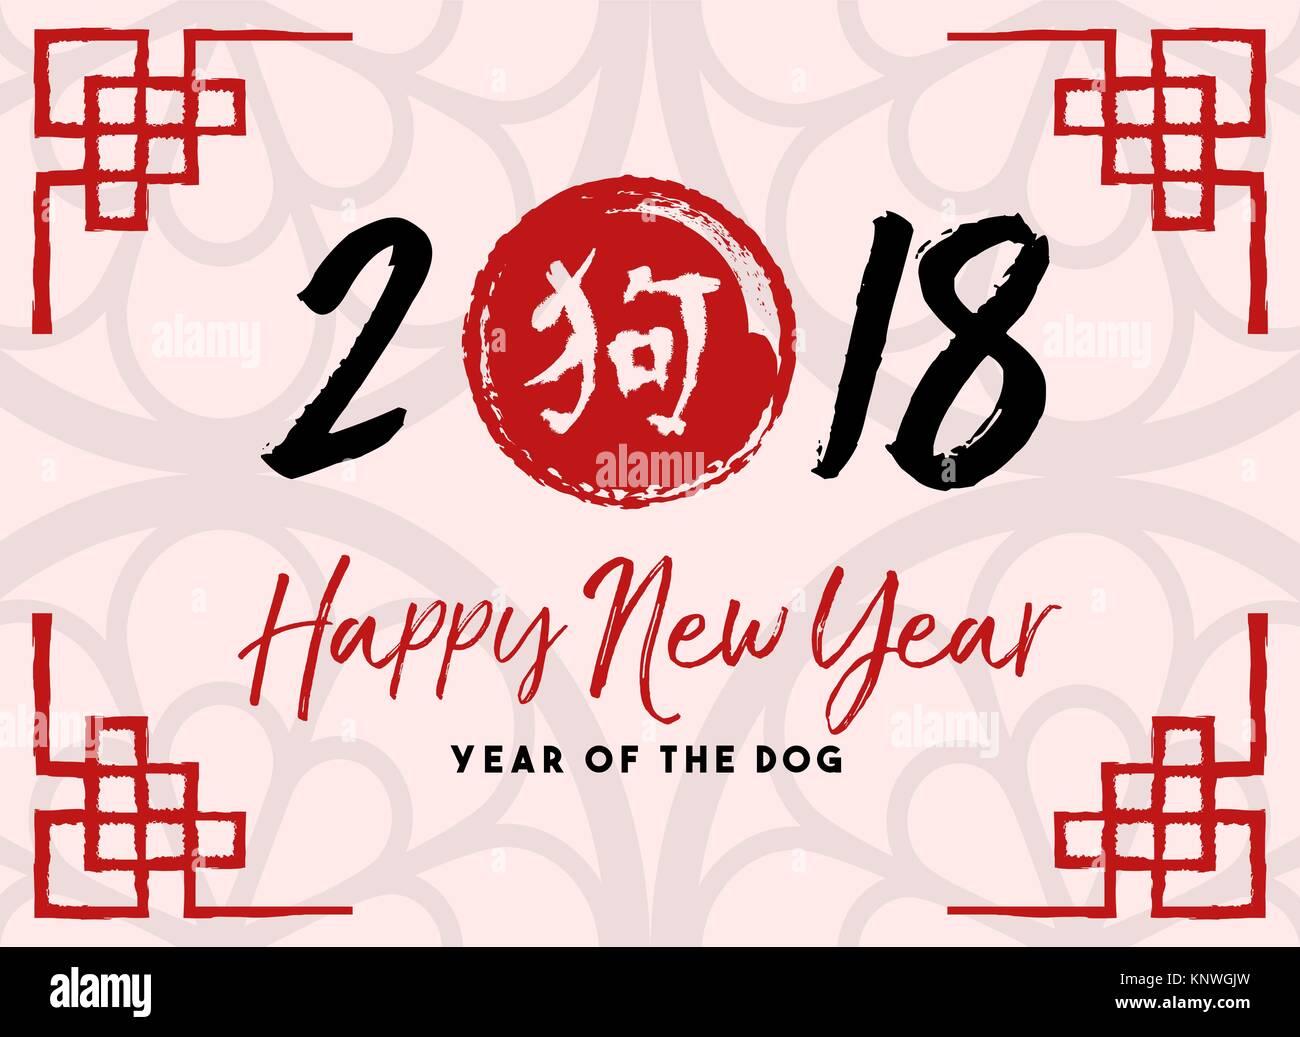 Dog Typography Stockfotos & Dog Typography Bilder - Alamy